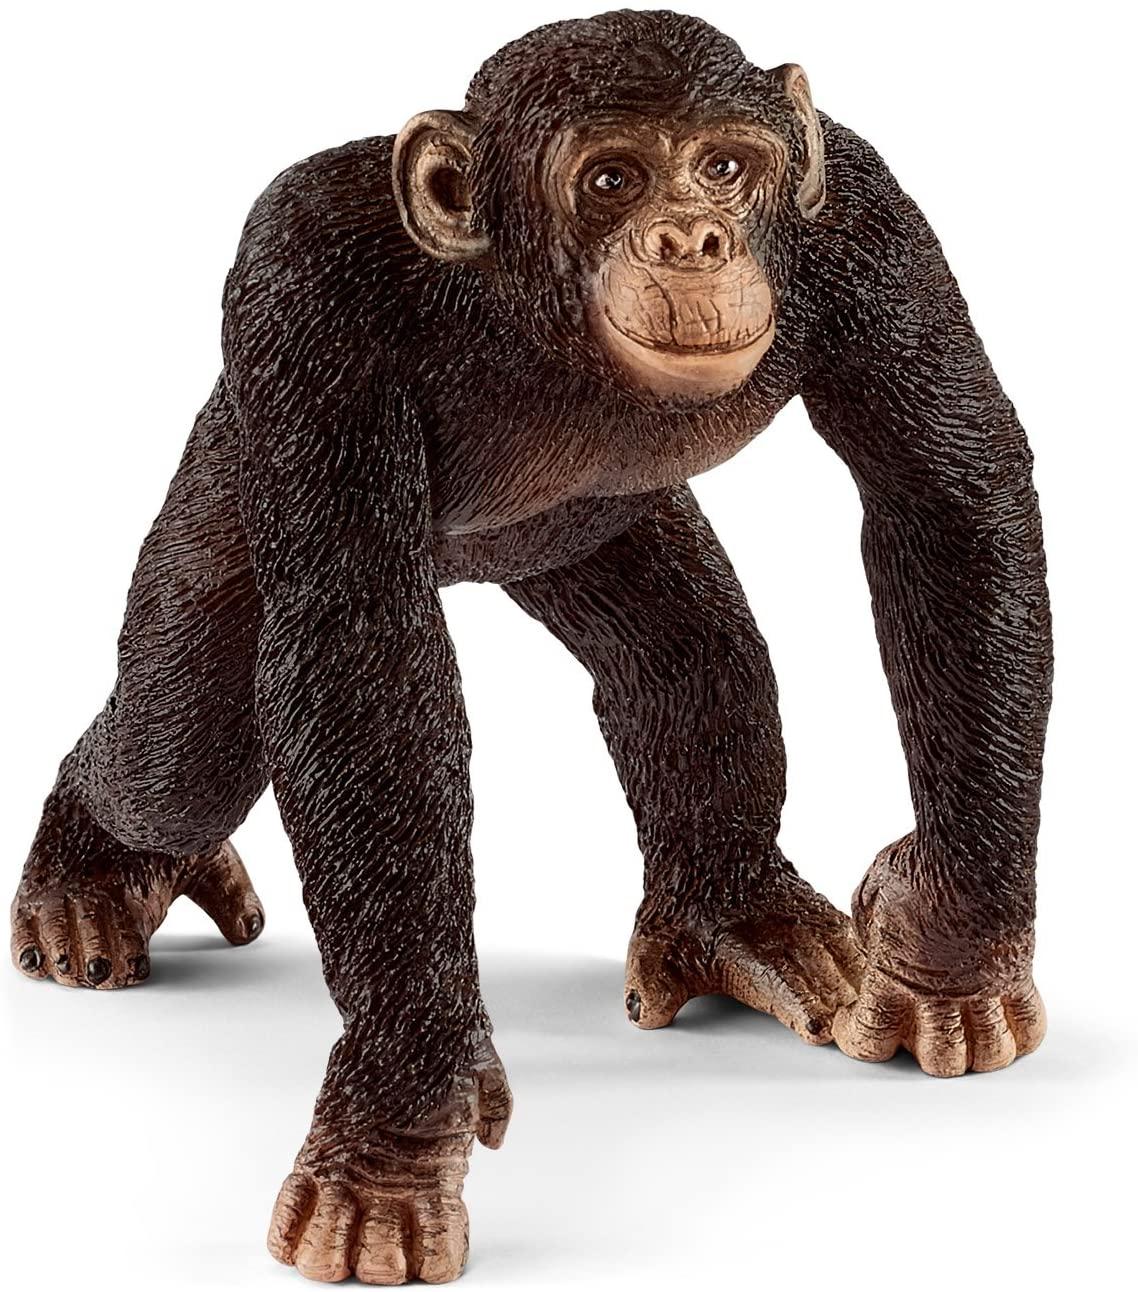 Schleich North America Wild Life Chimpanzee